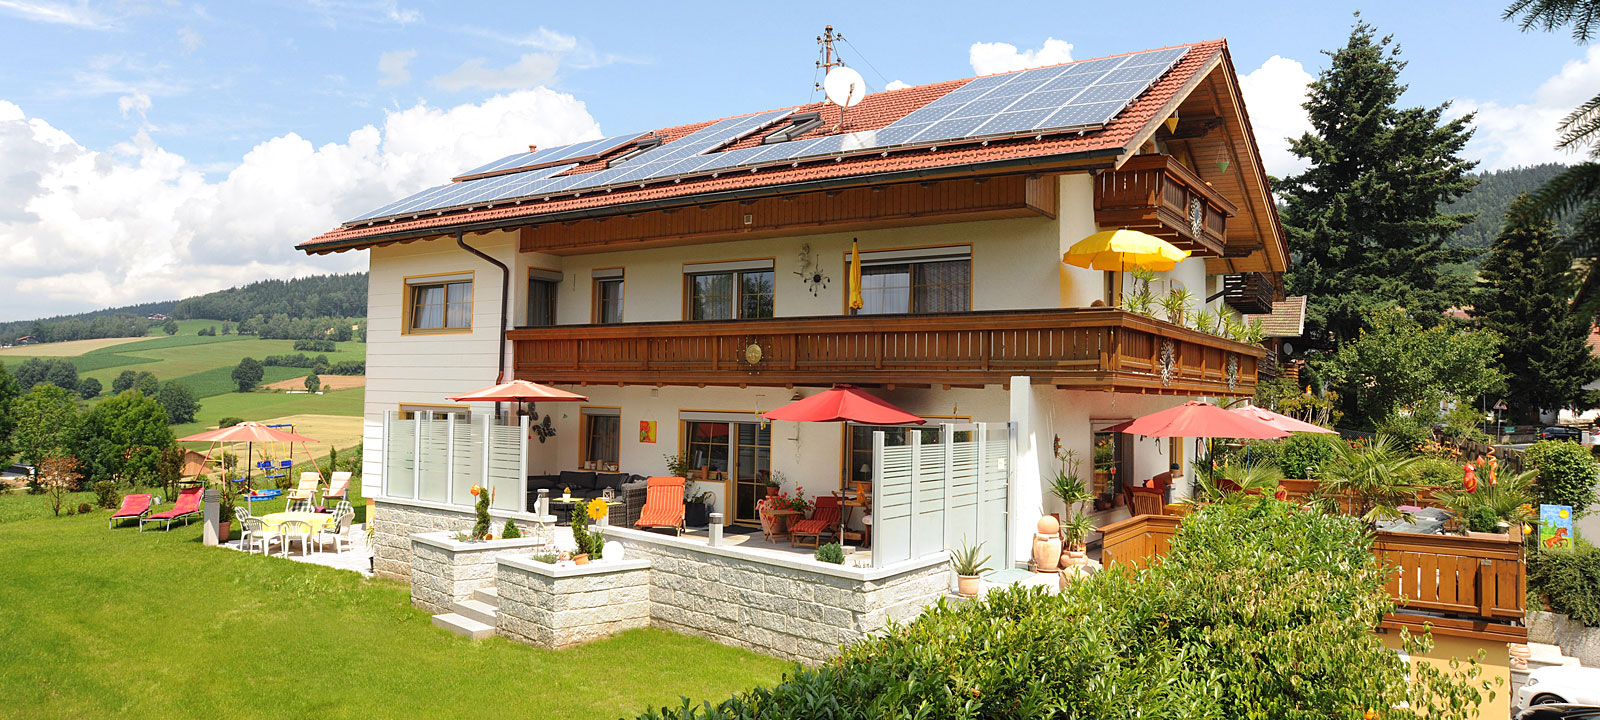 ferienhaus r sslwirt im bayerischen wald g stezimmer und. Black Bedroom Furniture Sets. Home Design Ideas